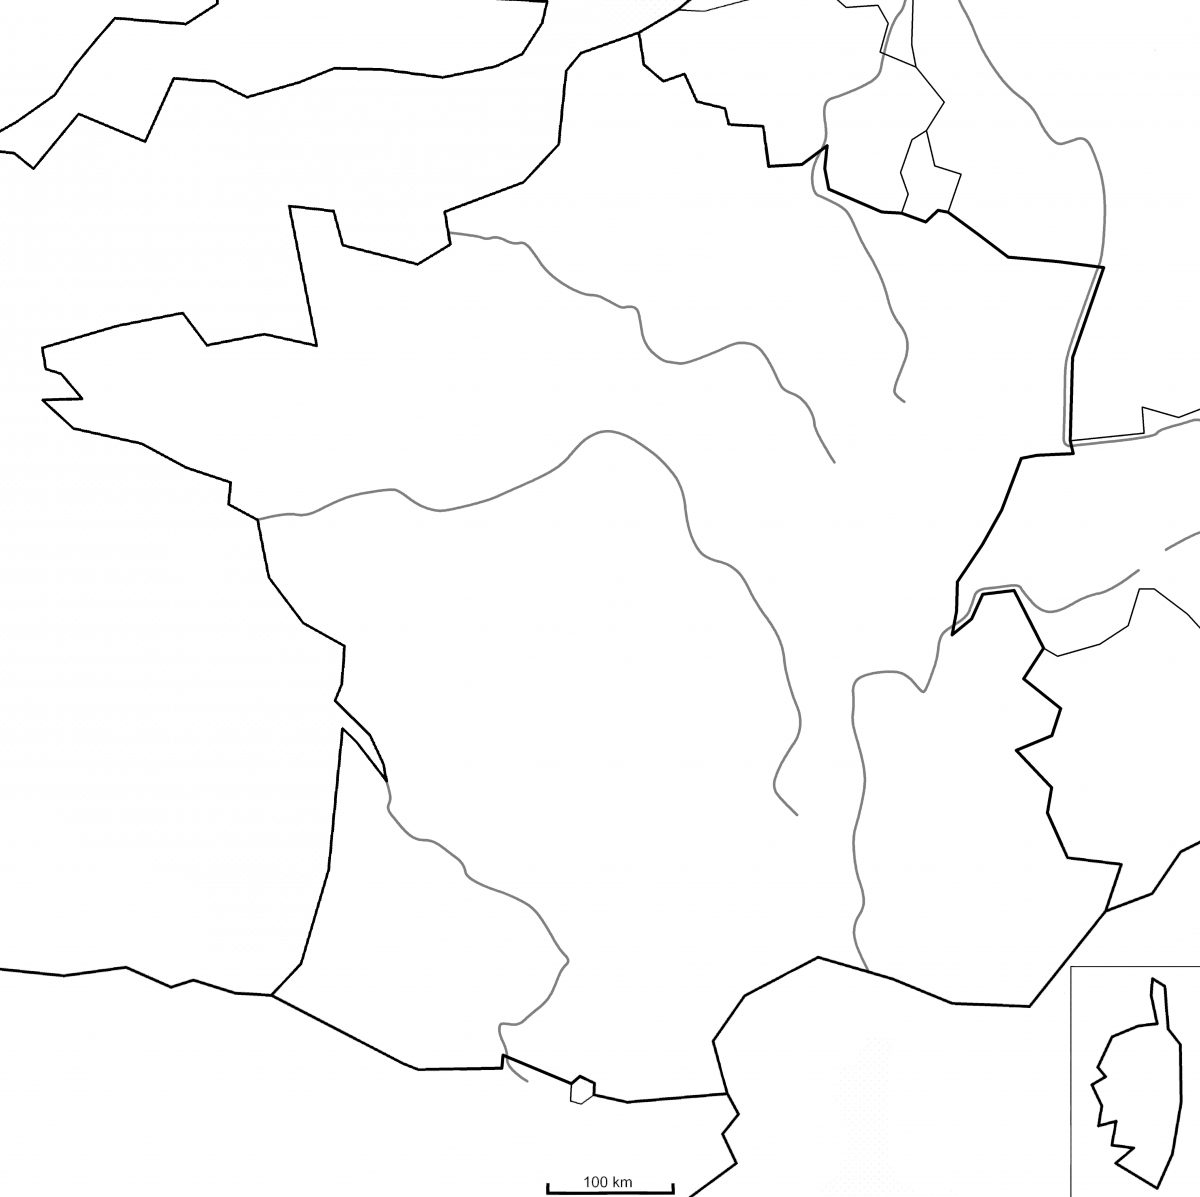 Les Principaux Fleuves De France - Montessori Etcie pour Carte Des Fleuves De France - PrimaNYC.com